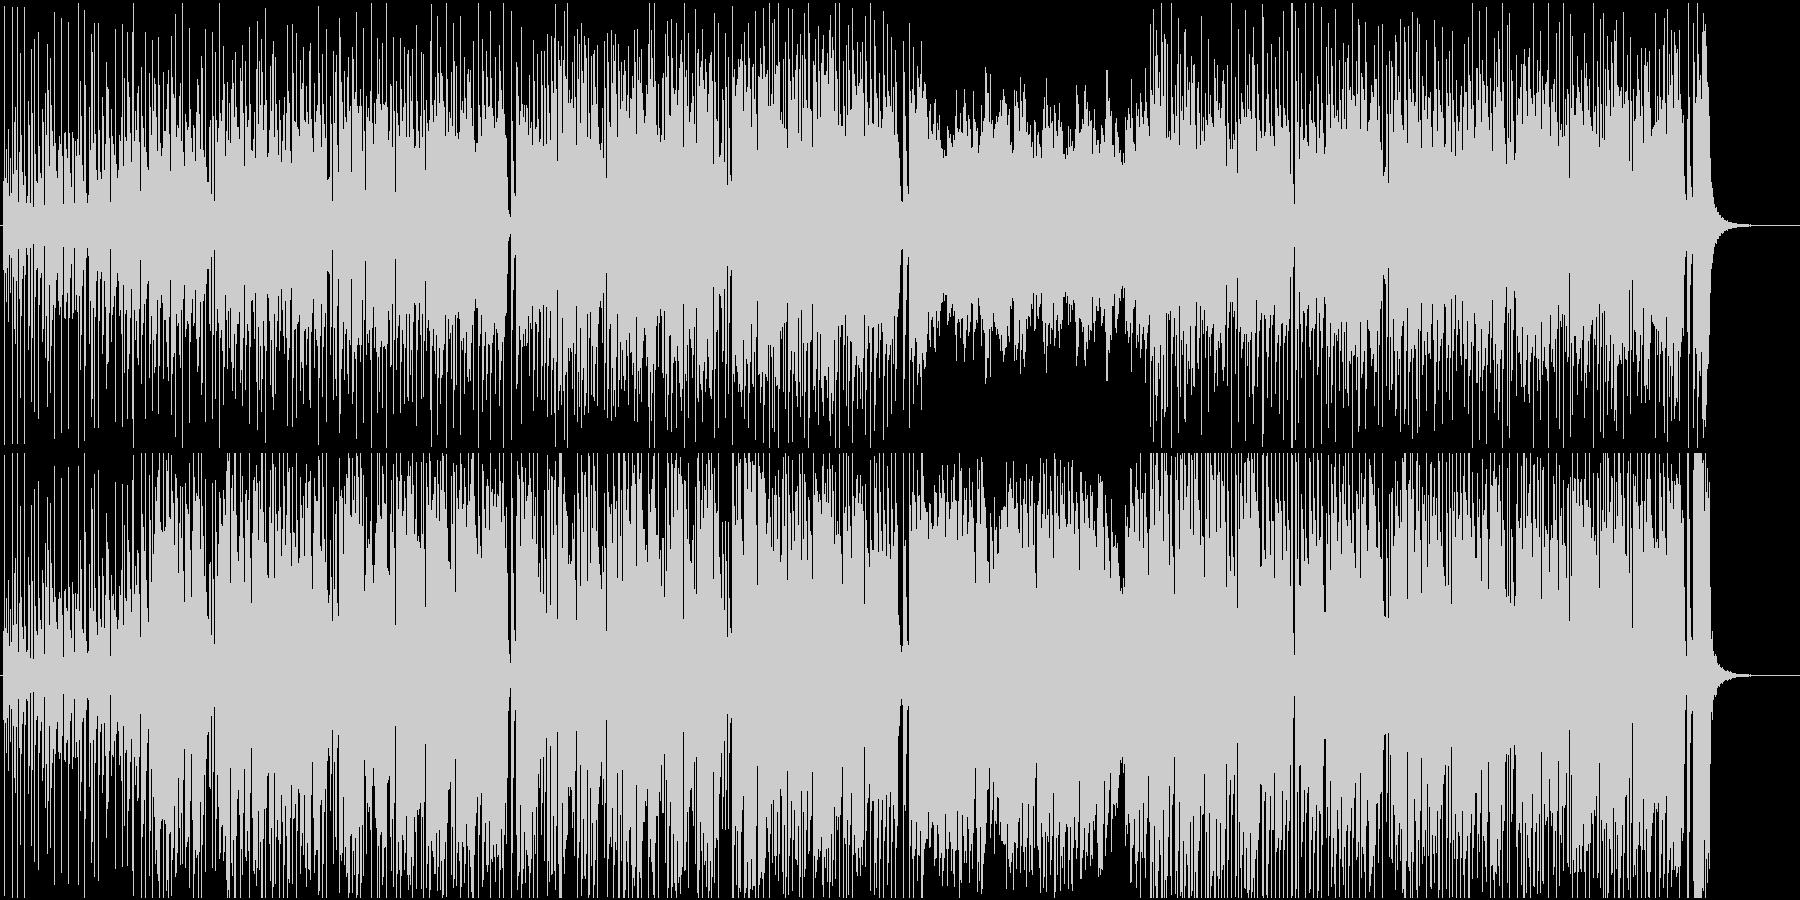 プログレ・ゲーム音楽風の未再生の波形